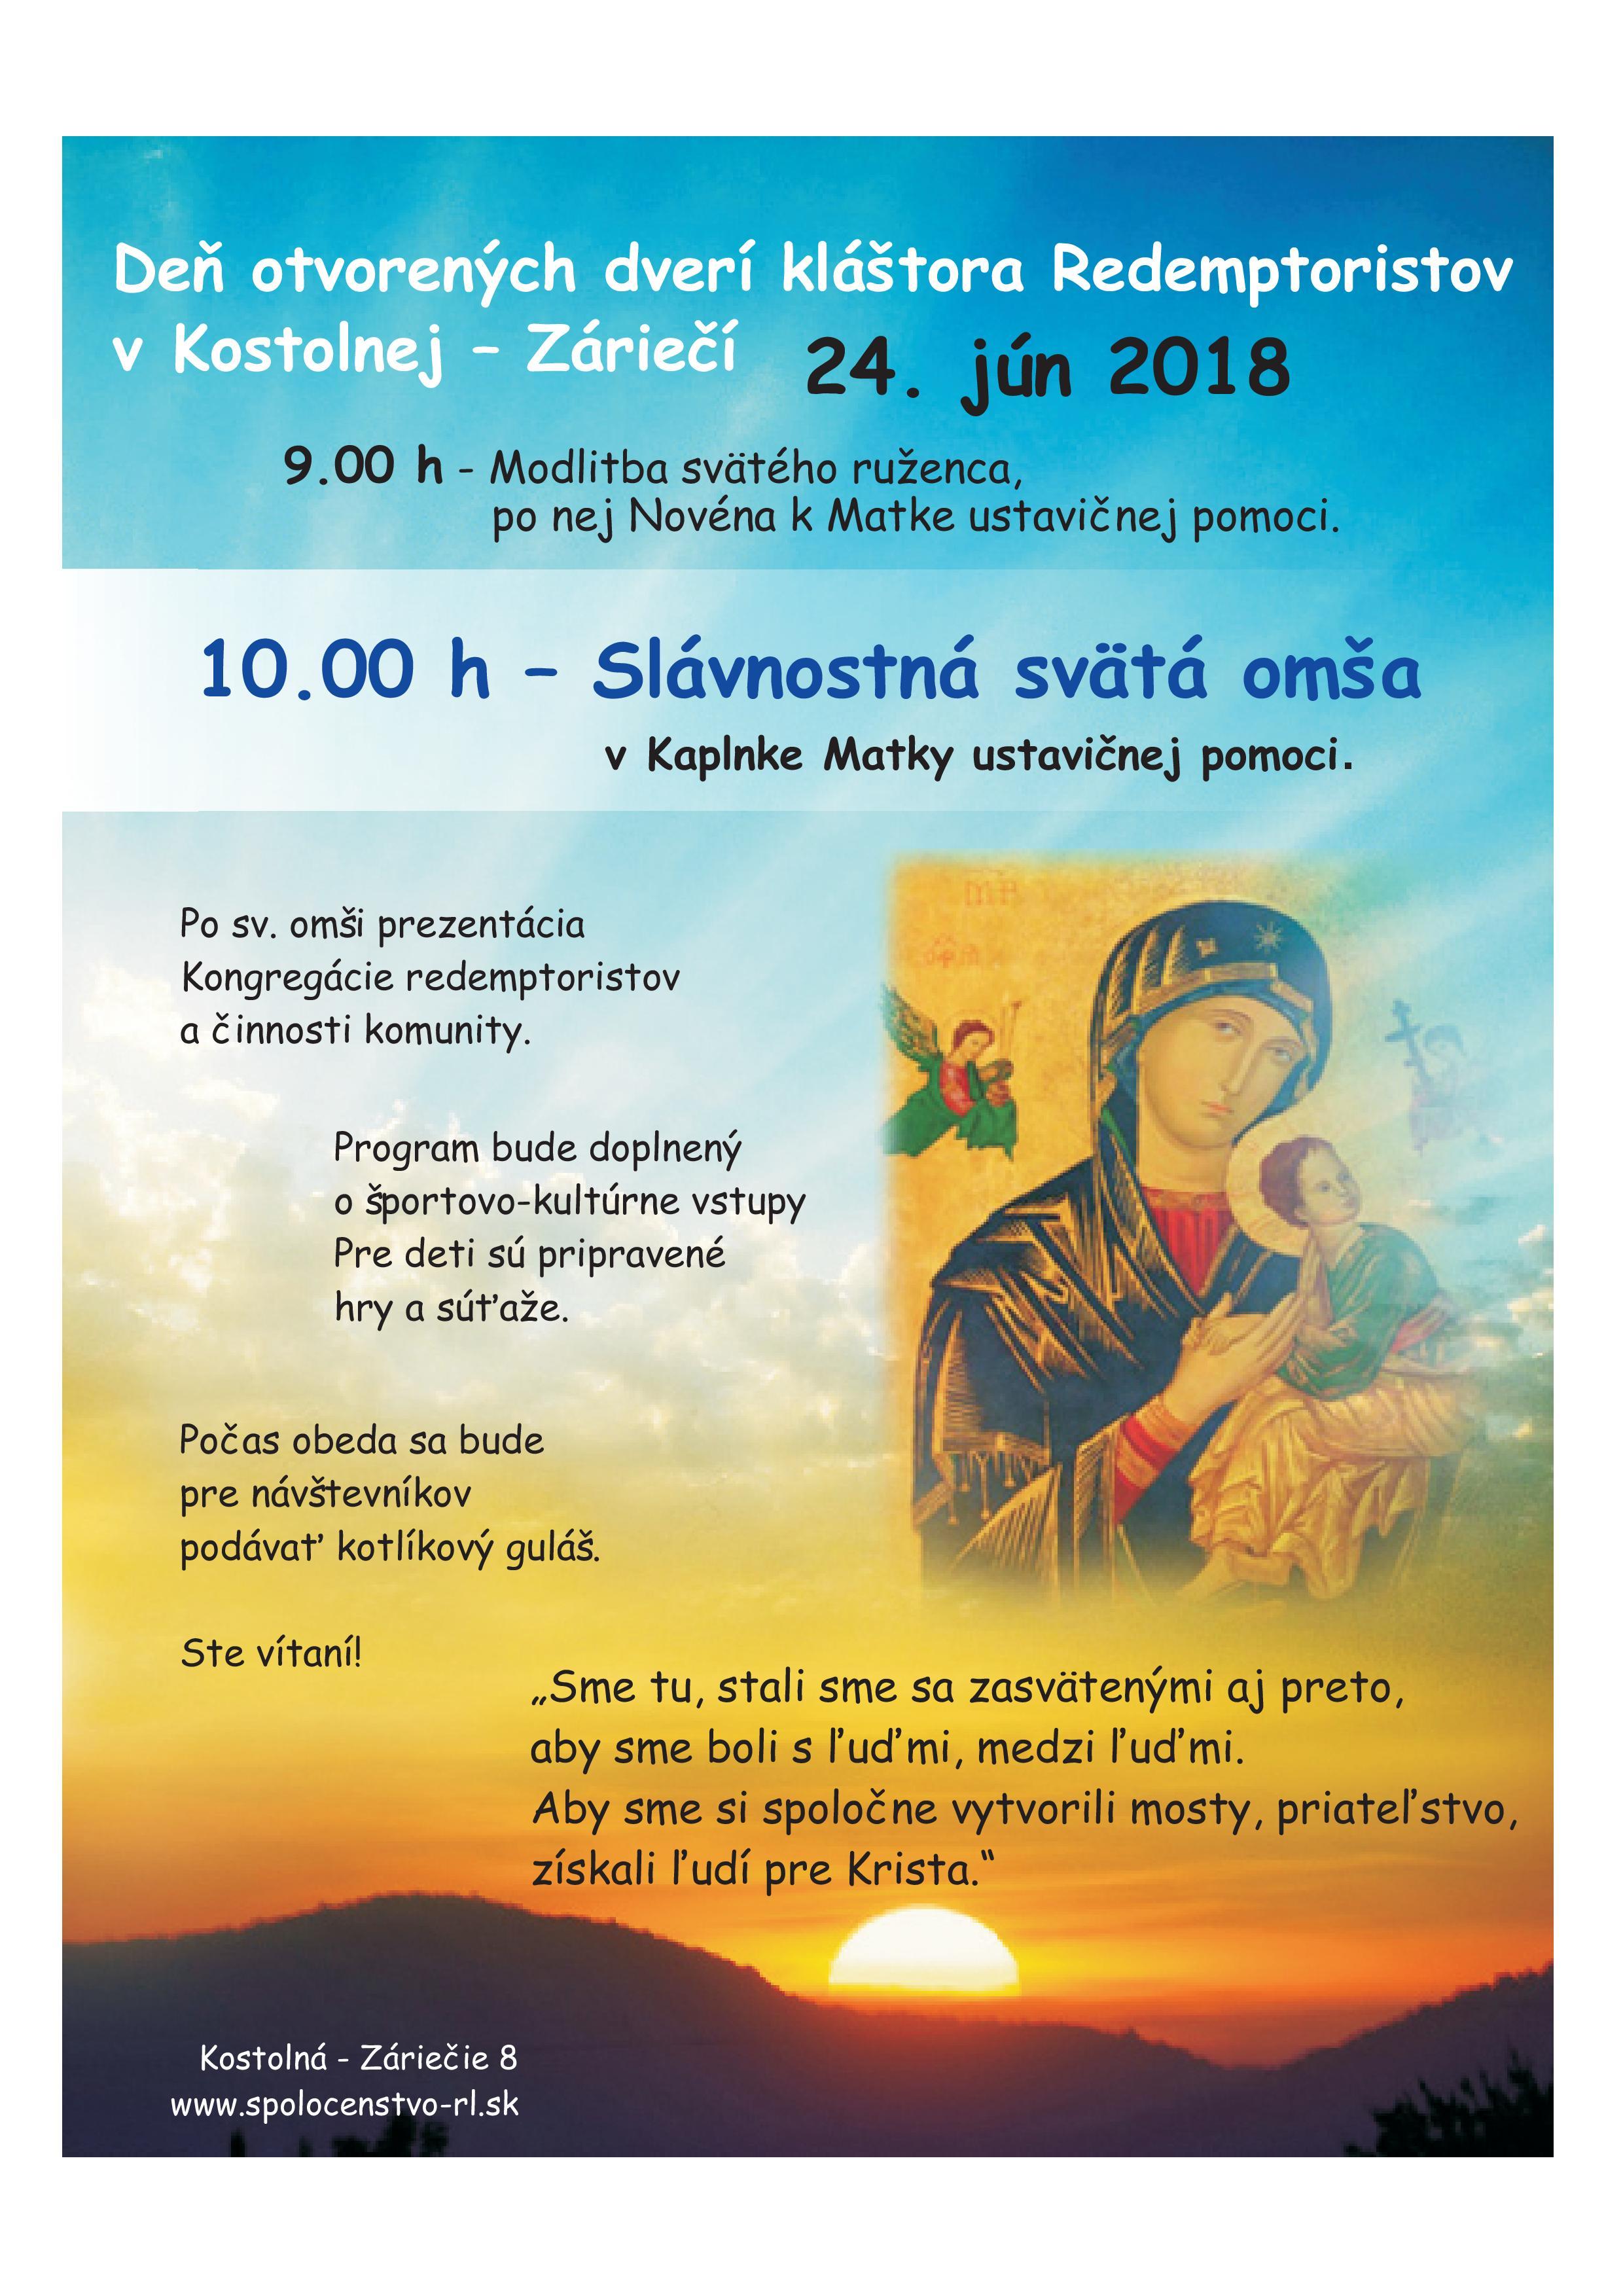 Deň otvorených dverí kláštora Redemptoristov Kostolná - Záriečie